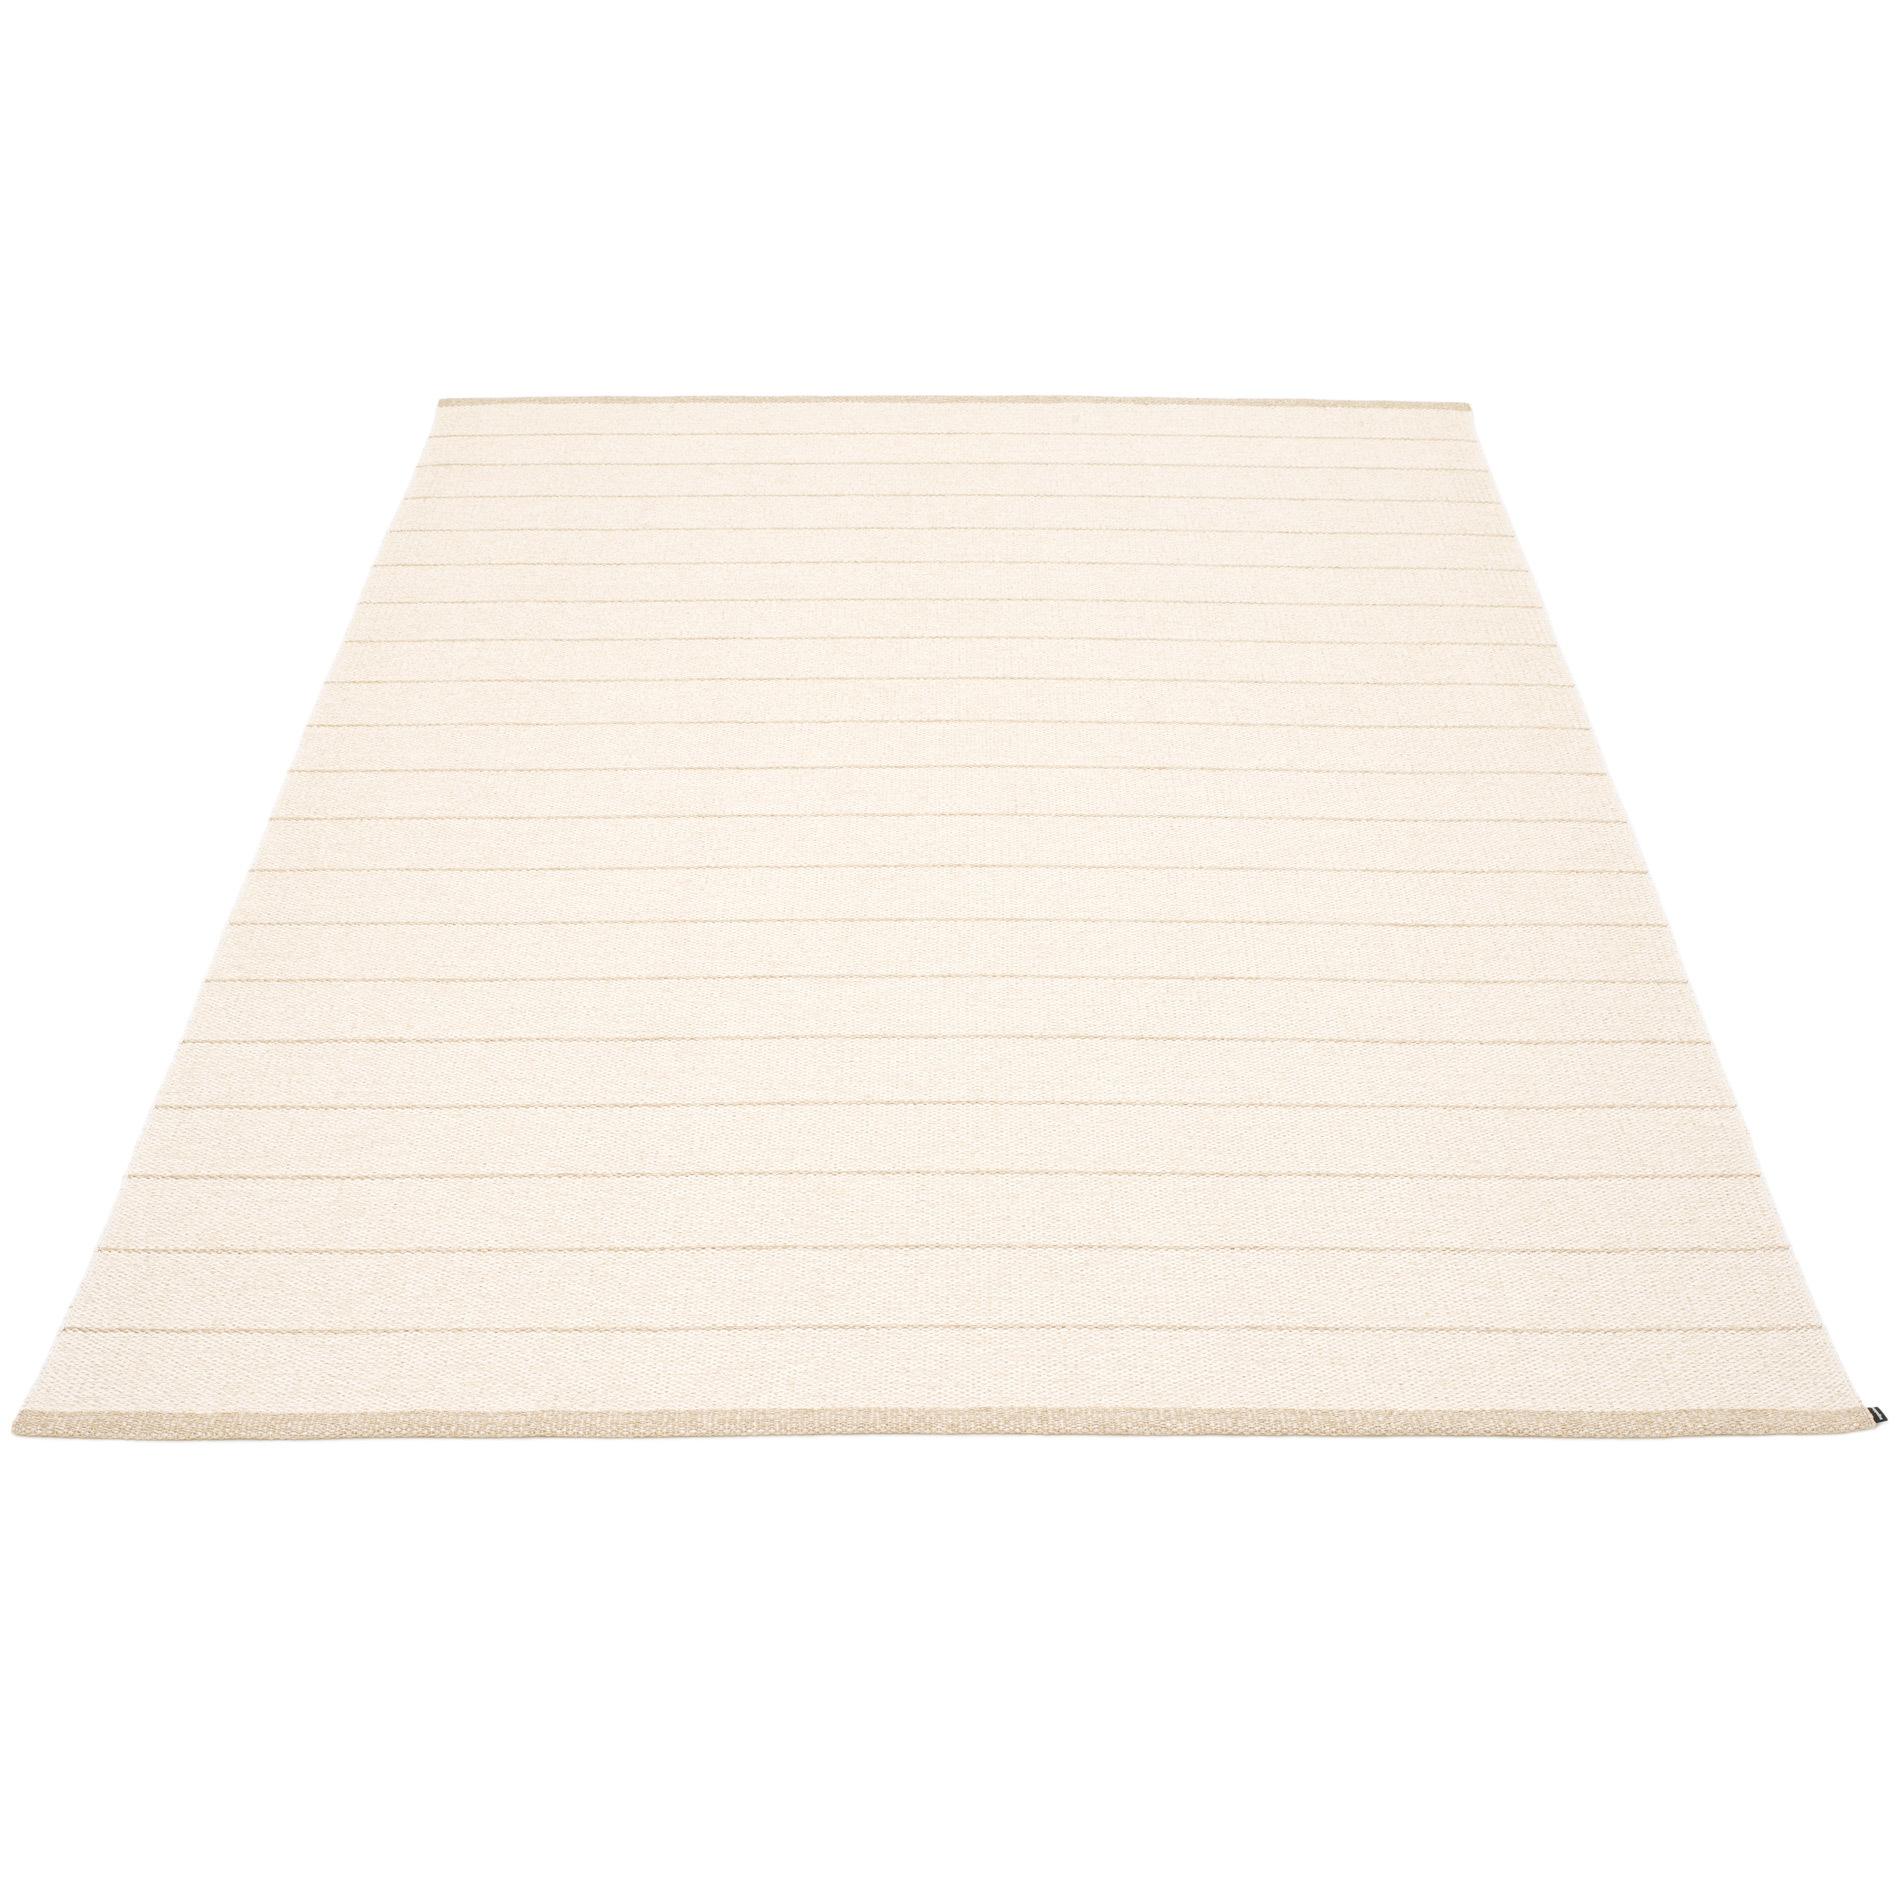 Carl Kunststoffteppich 180x260 cm Pappelina Vanille/ Weiß